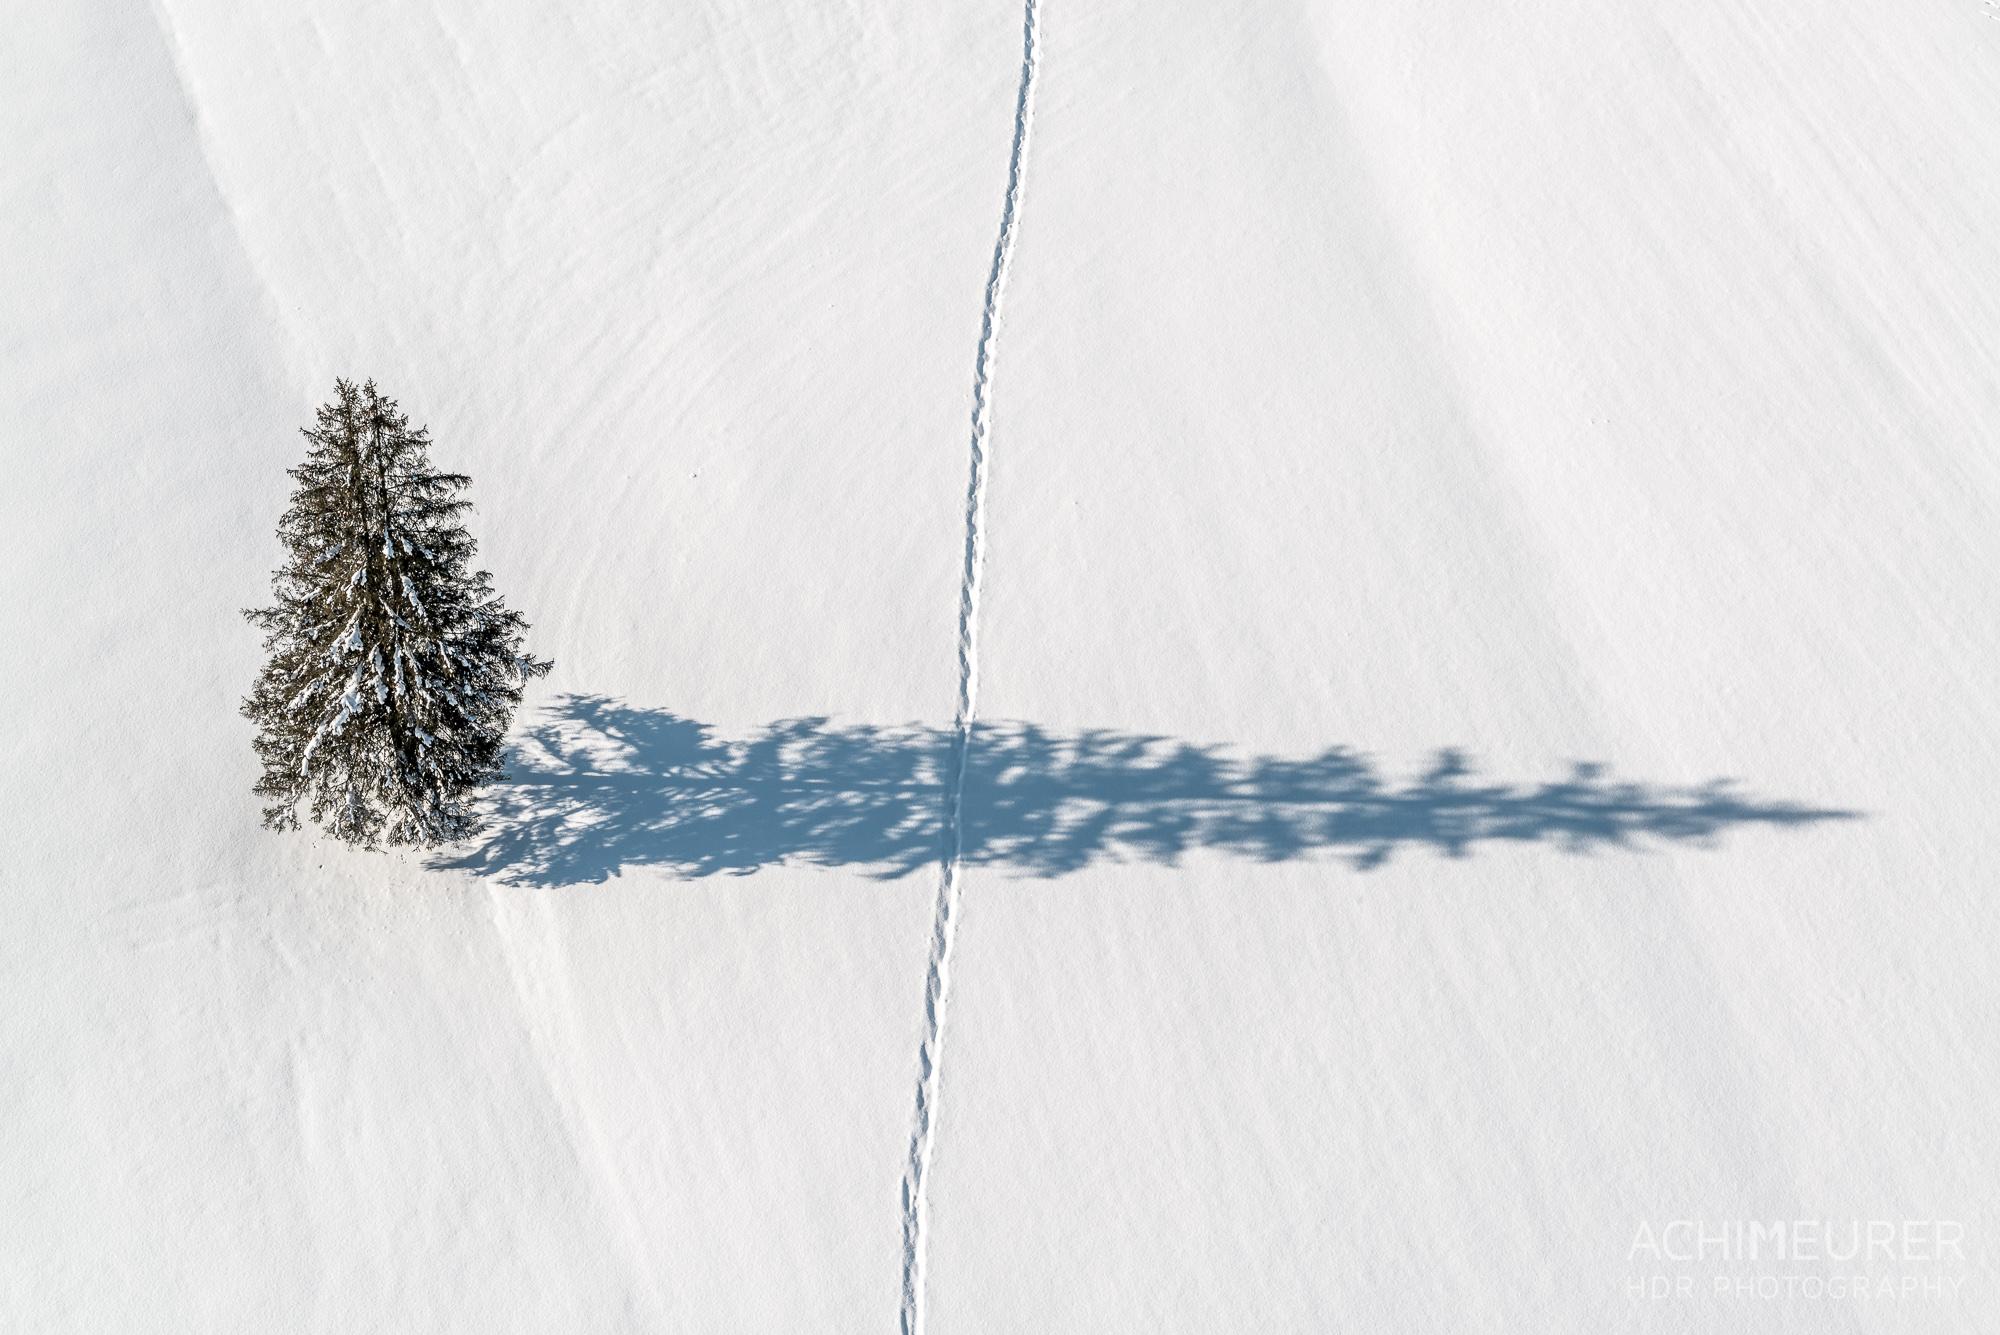 Die-schoensten-Winterfotos-Winterlandschaft-1 by Achim Meurer.